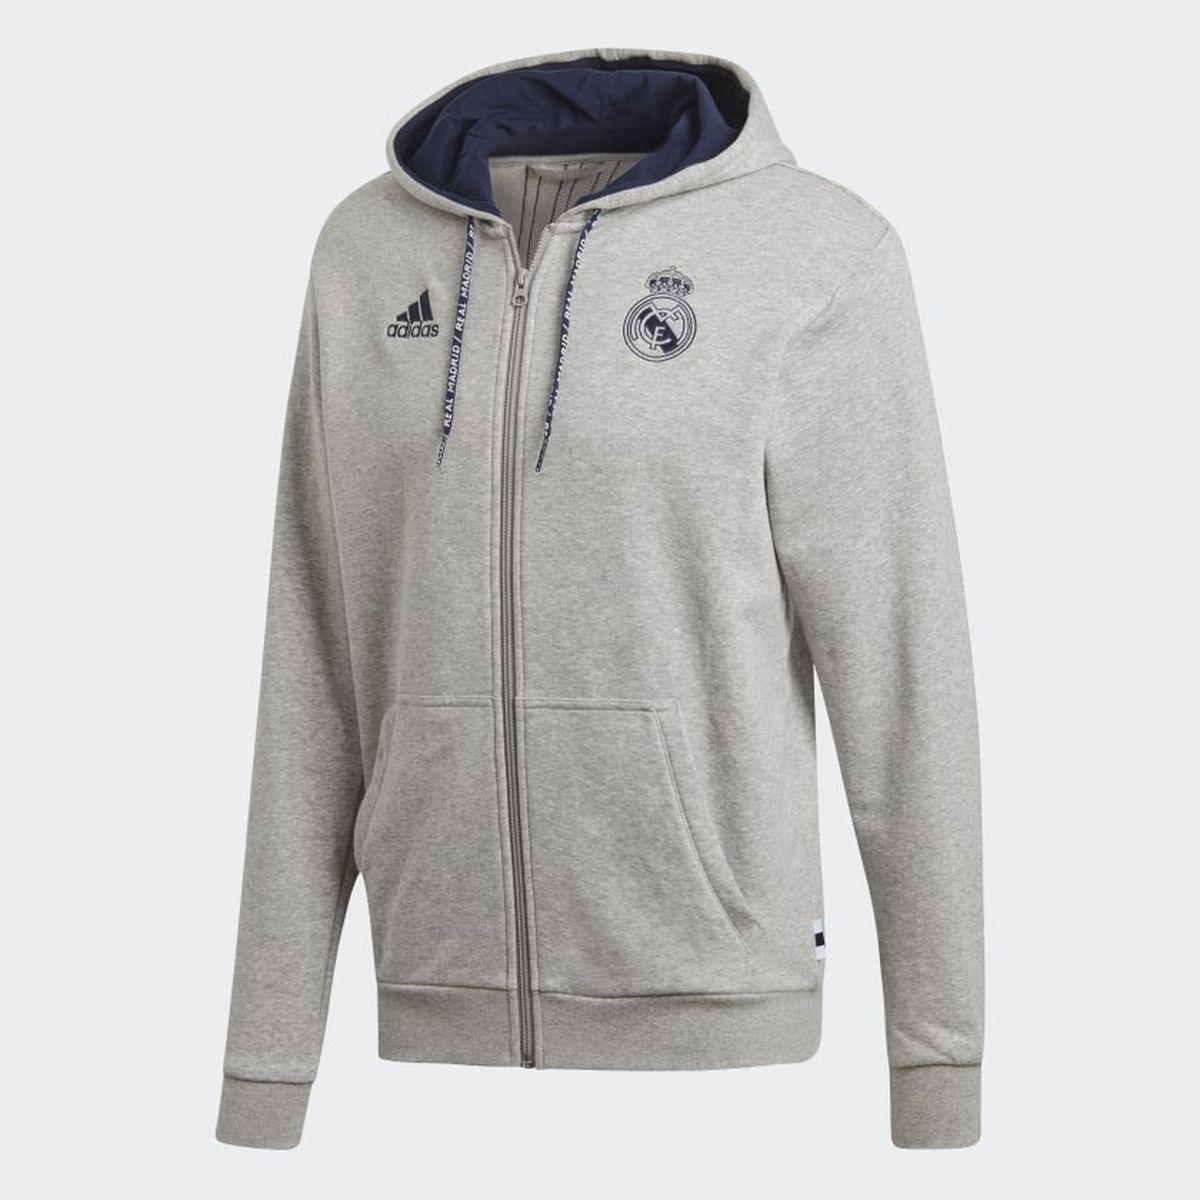 Худи adidas Real Fz Hd худи мужское adidas sid fz цвет синий dt9915 размер s 44 46